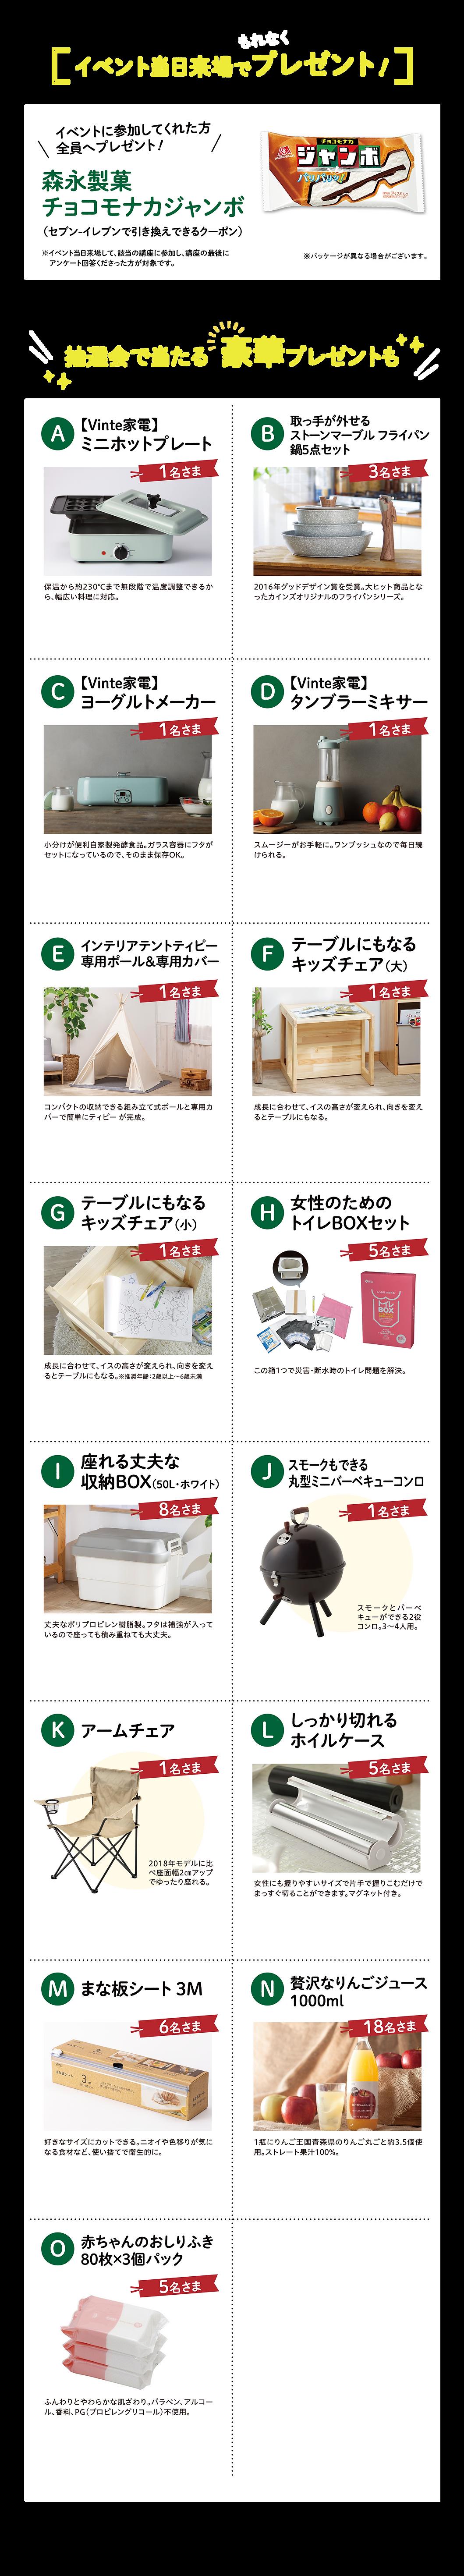 6月カインズイベント_プレゼント-01.png